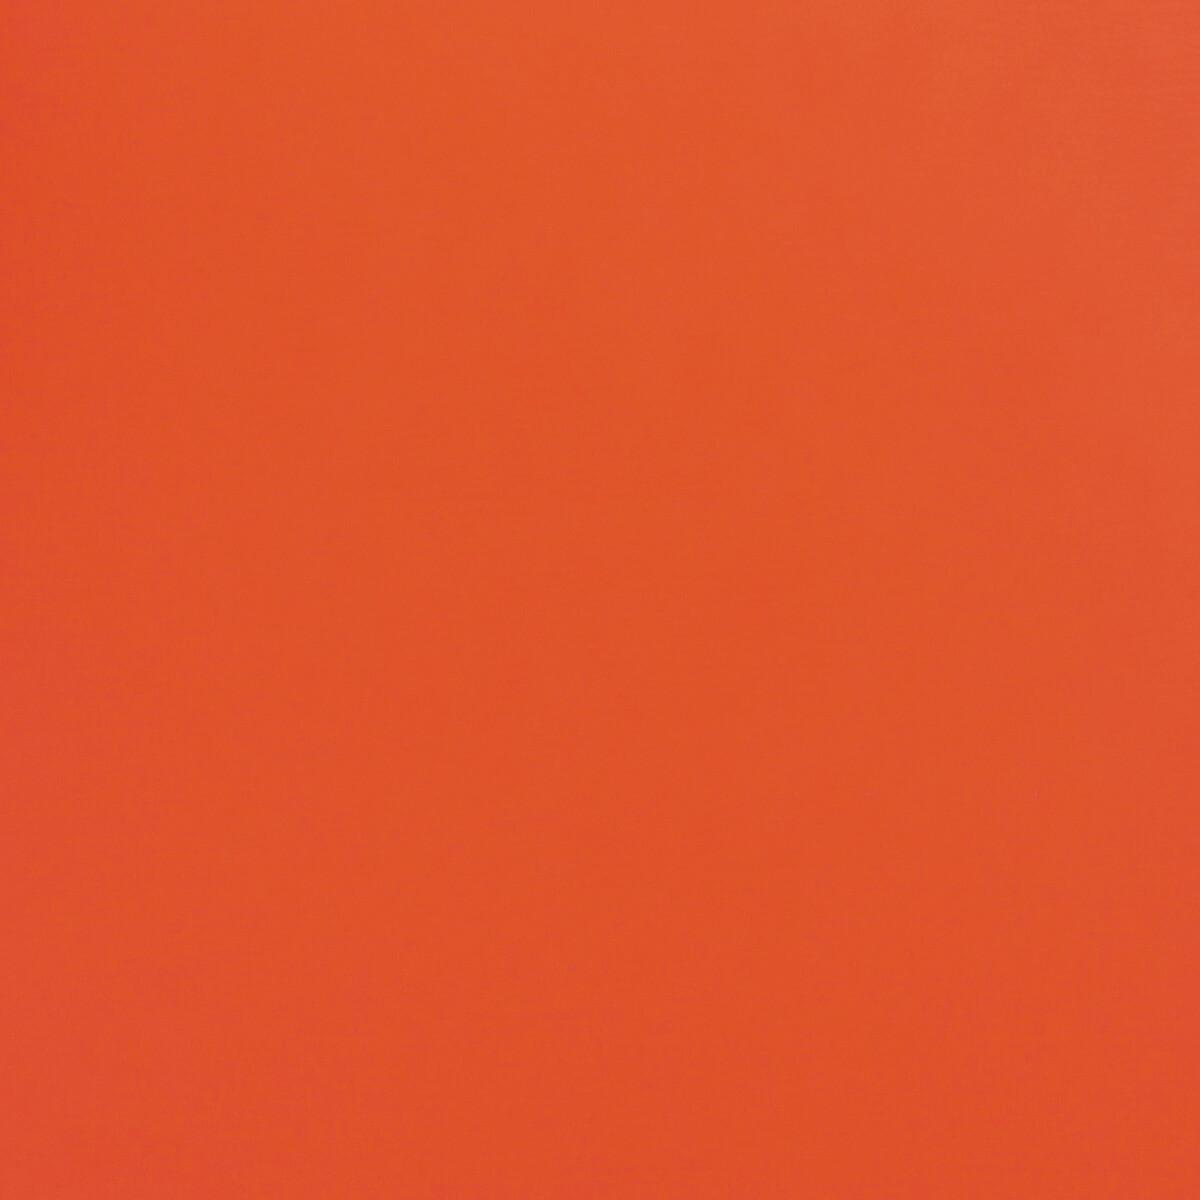 Orange  Hotmark Revolution HTV - Large Roll